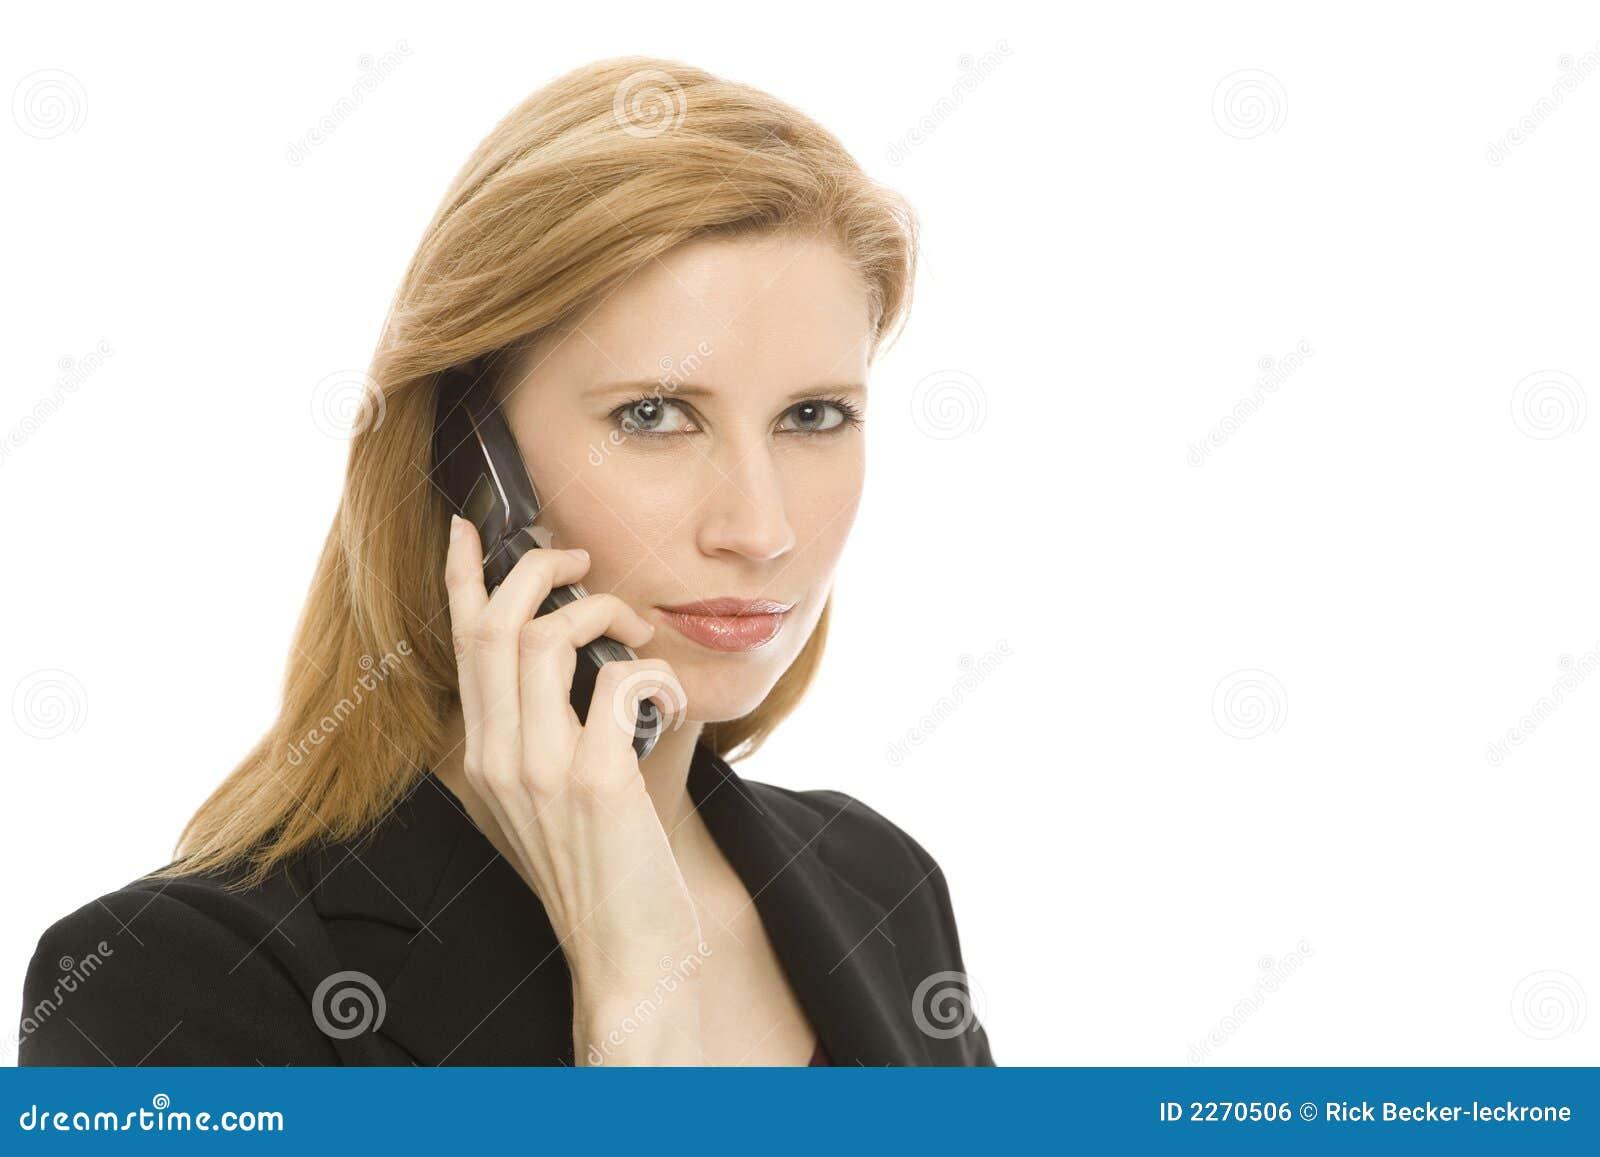 rencontre femme par telephone portable